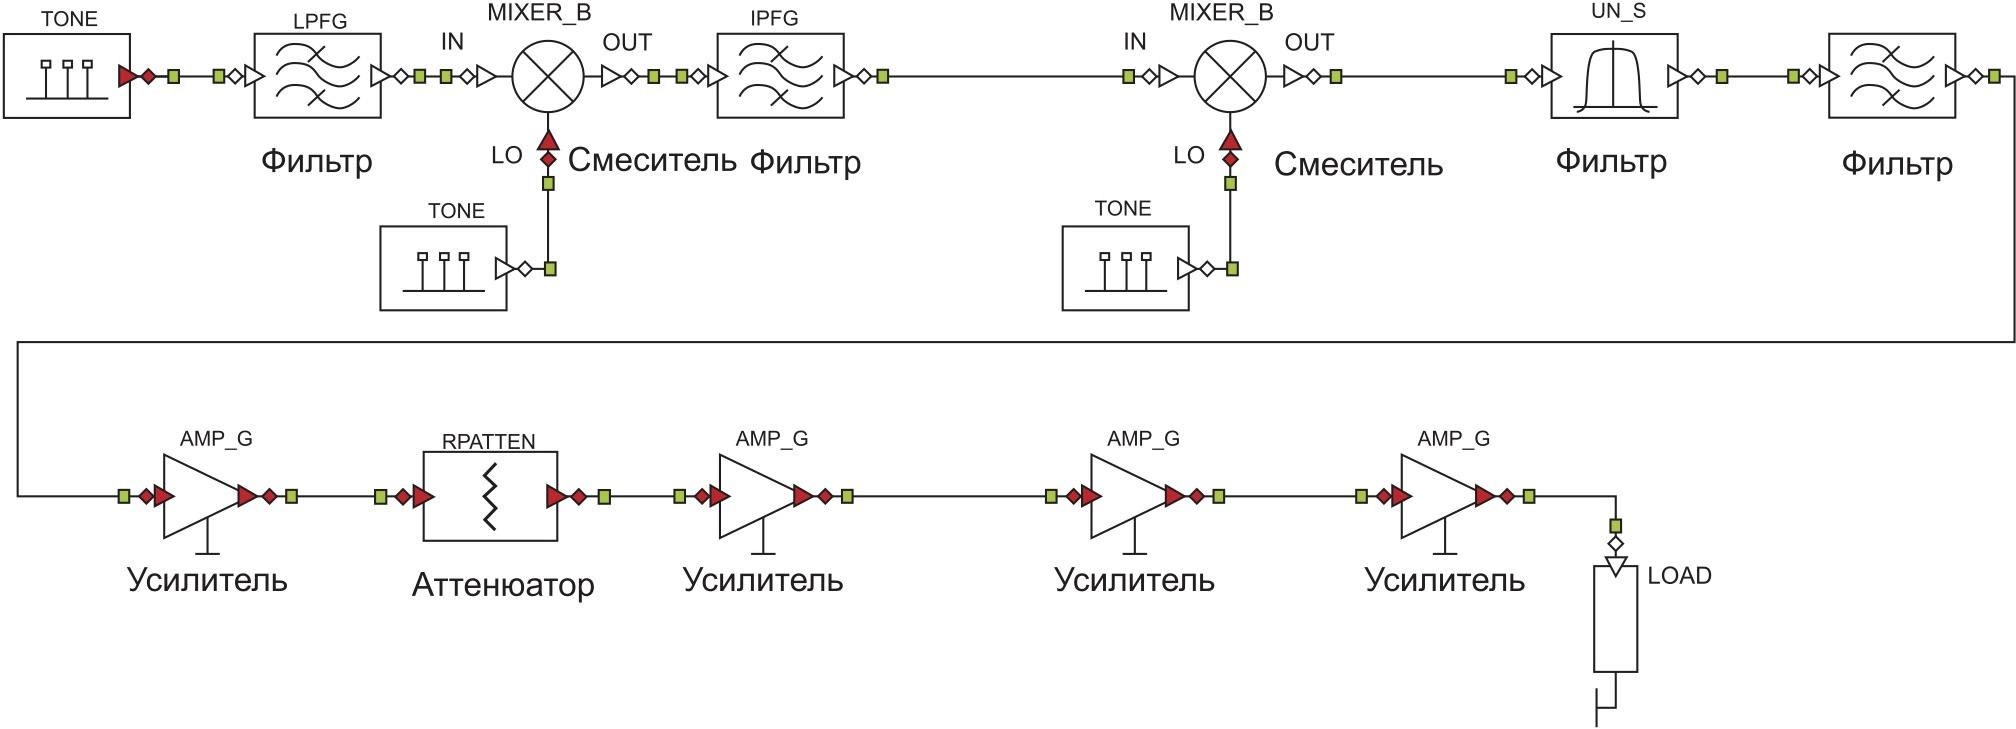 Схема измерения интермодуляционных искажений 3-го порядка